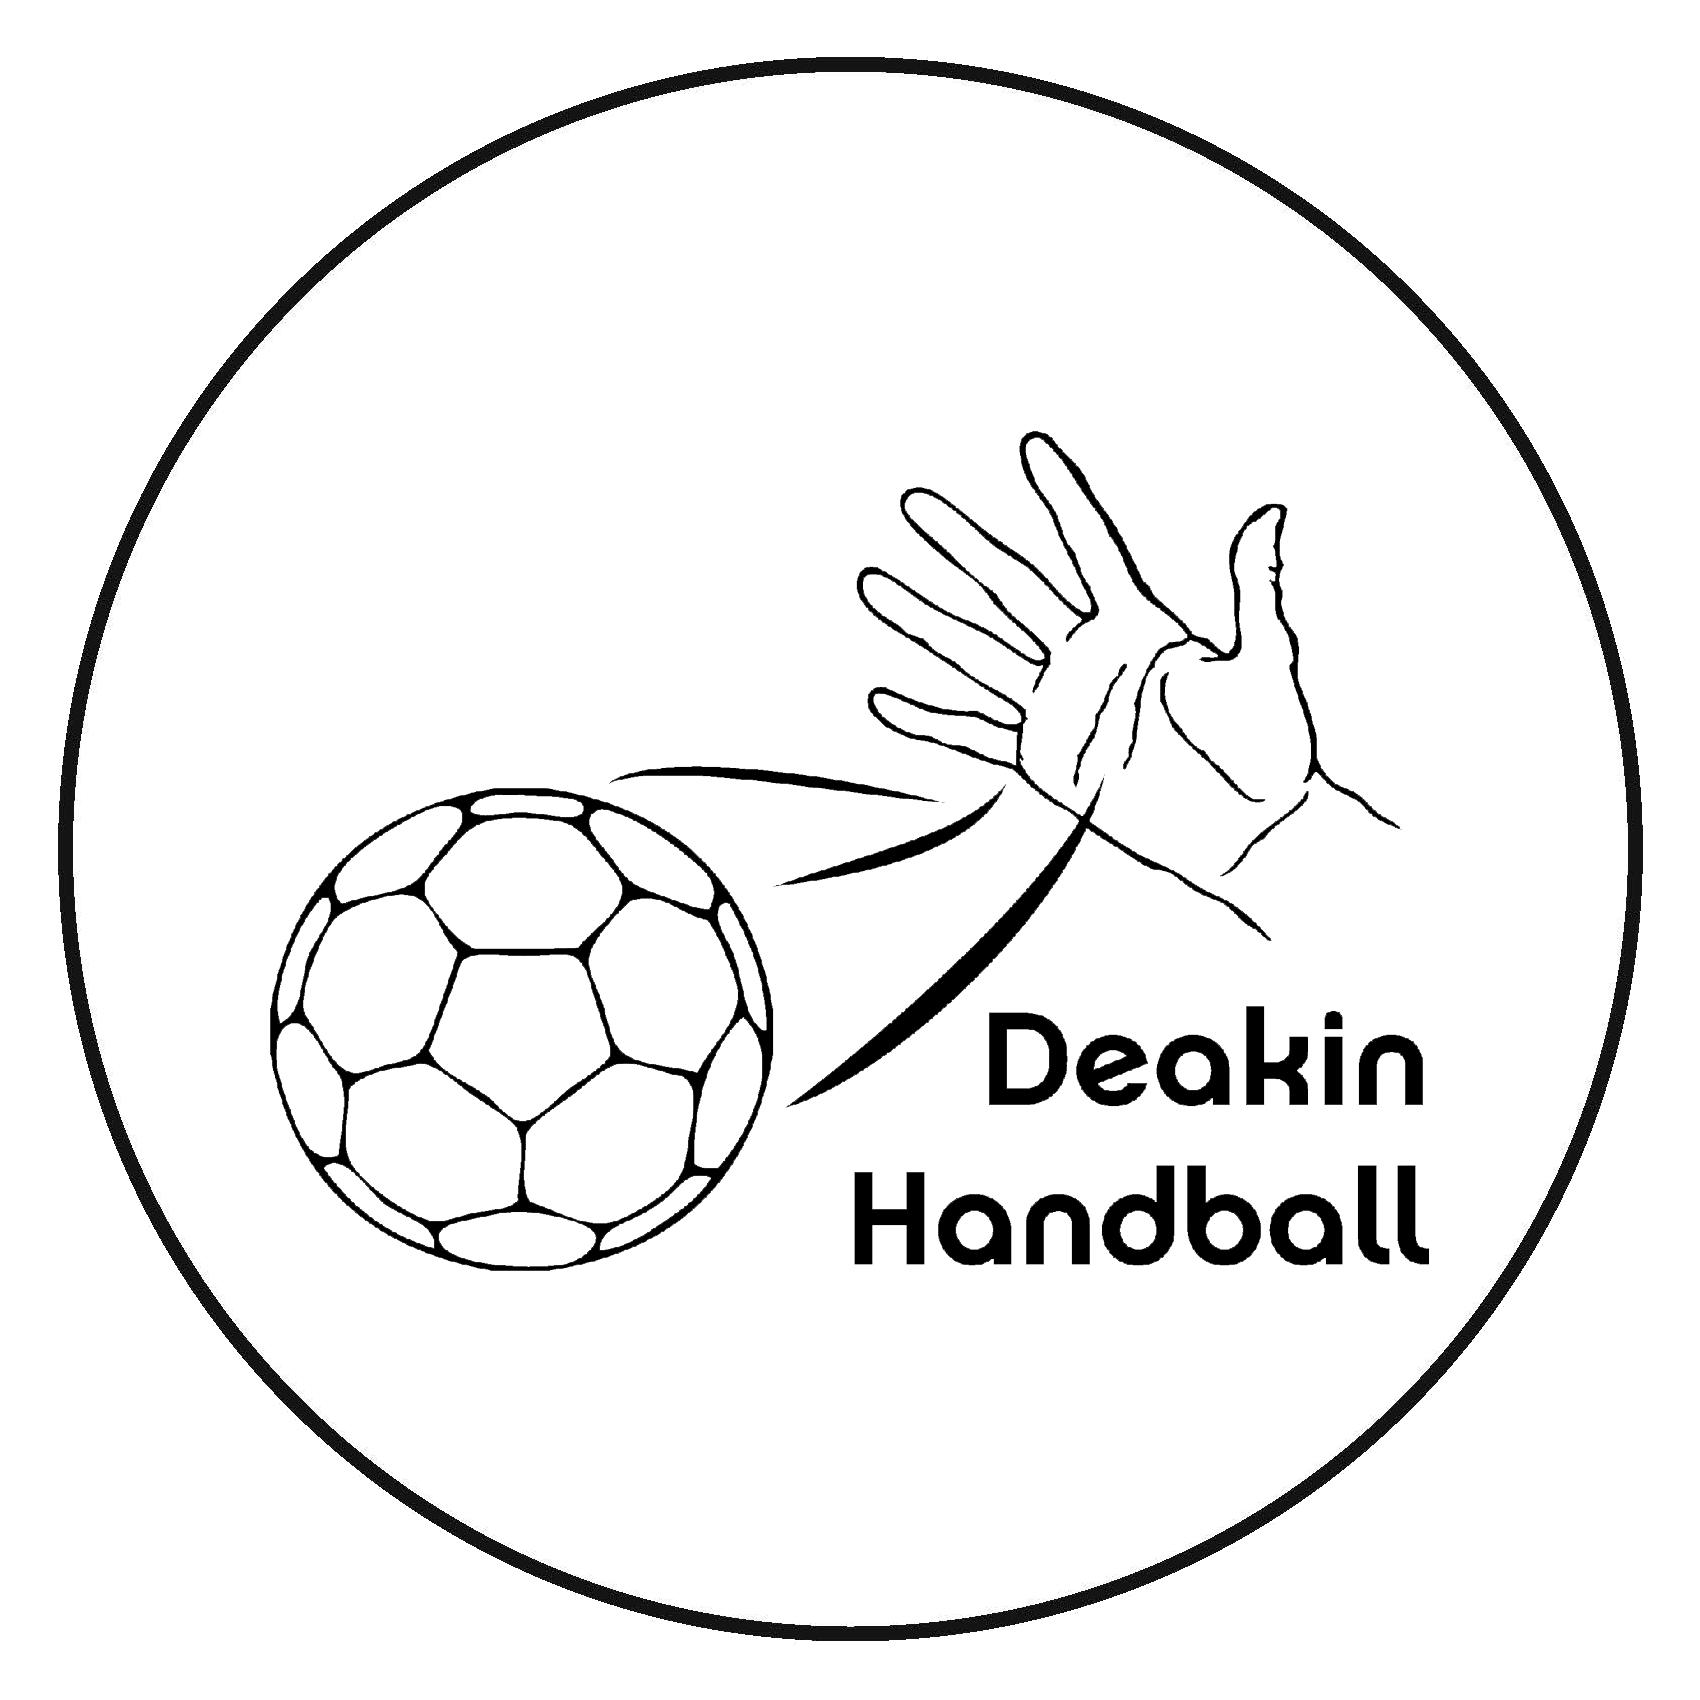 DEAKIN HANDBALL LOGO